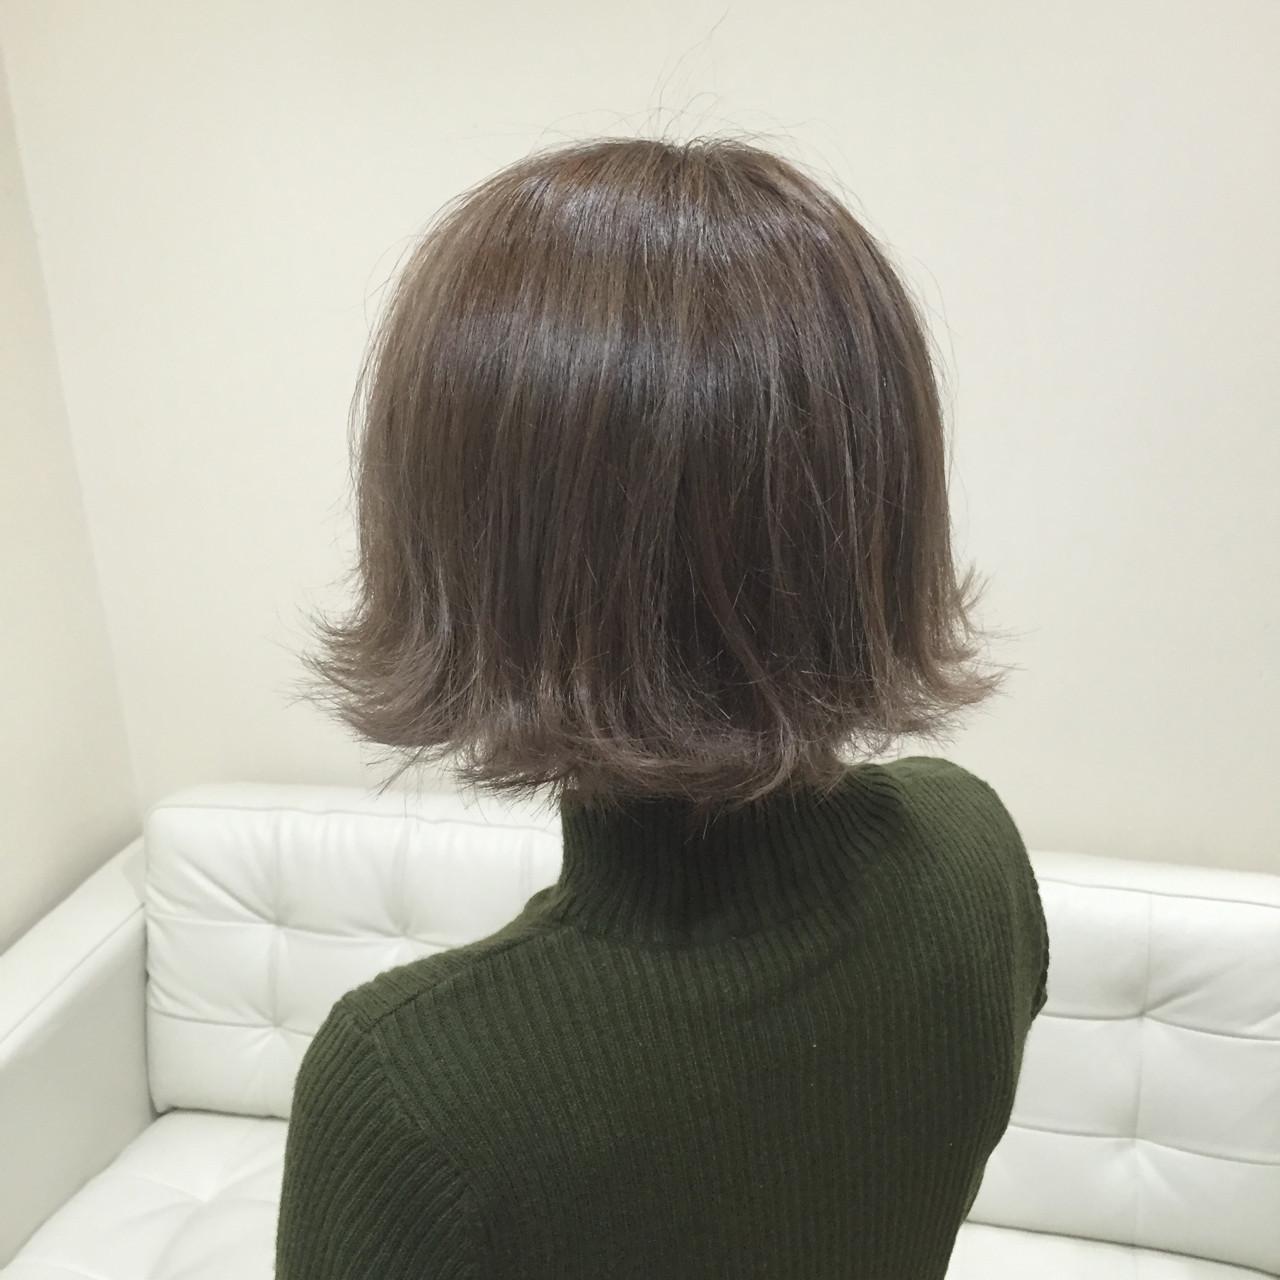 外ハネ ボブ 外国人風 大人かわいい ヘアスタイルや髪型の写真・画像 | seikan / vifkrone hair&beauty